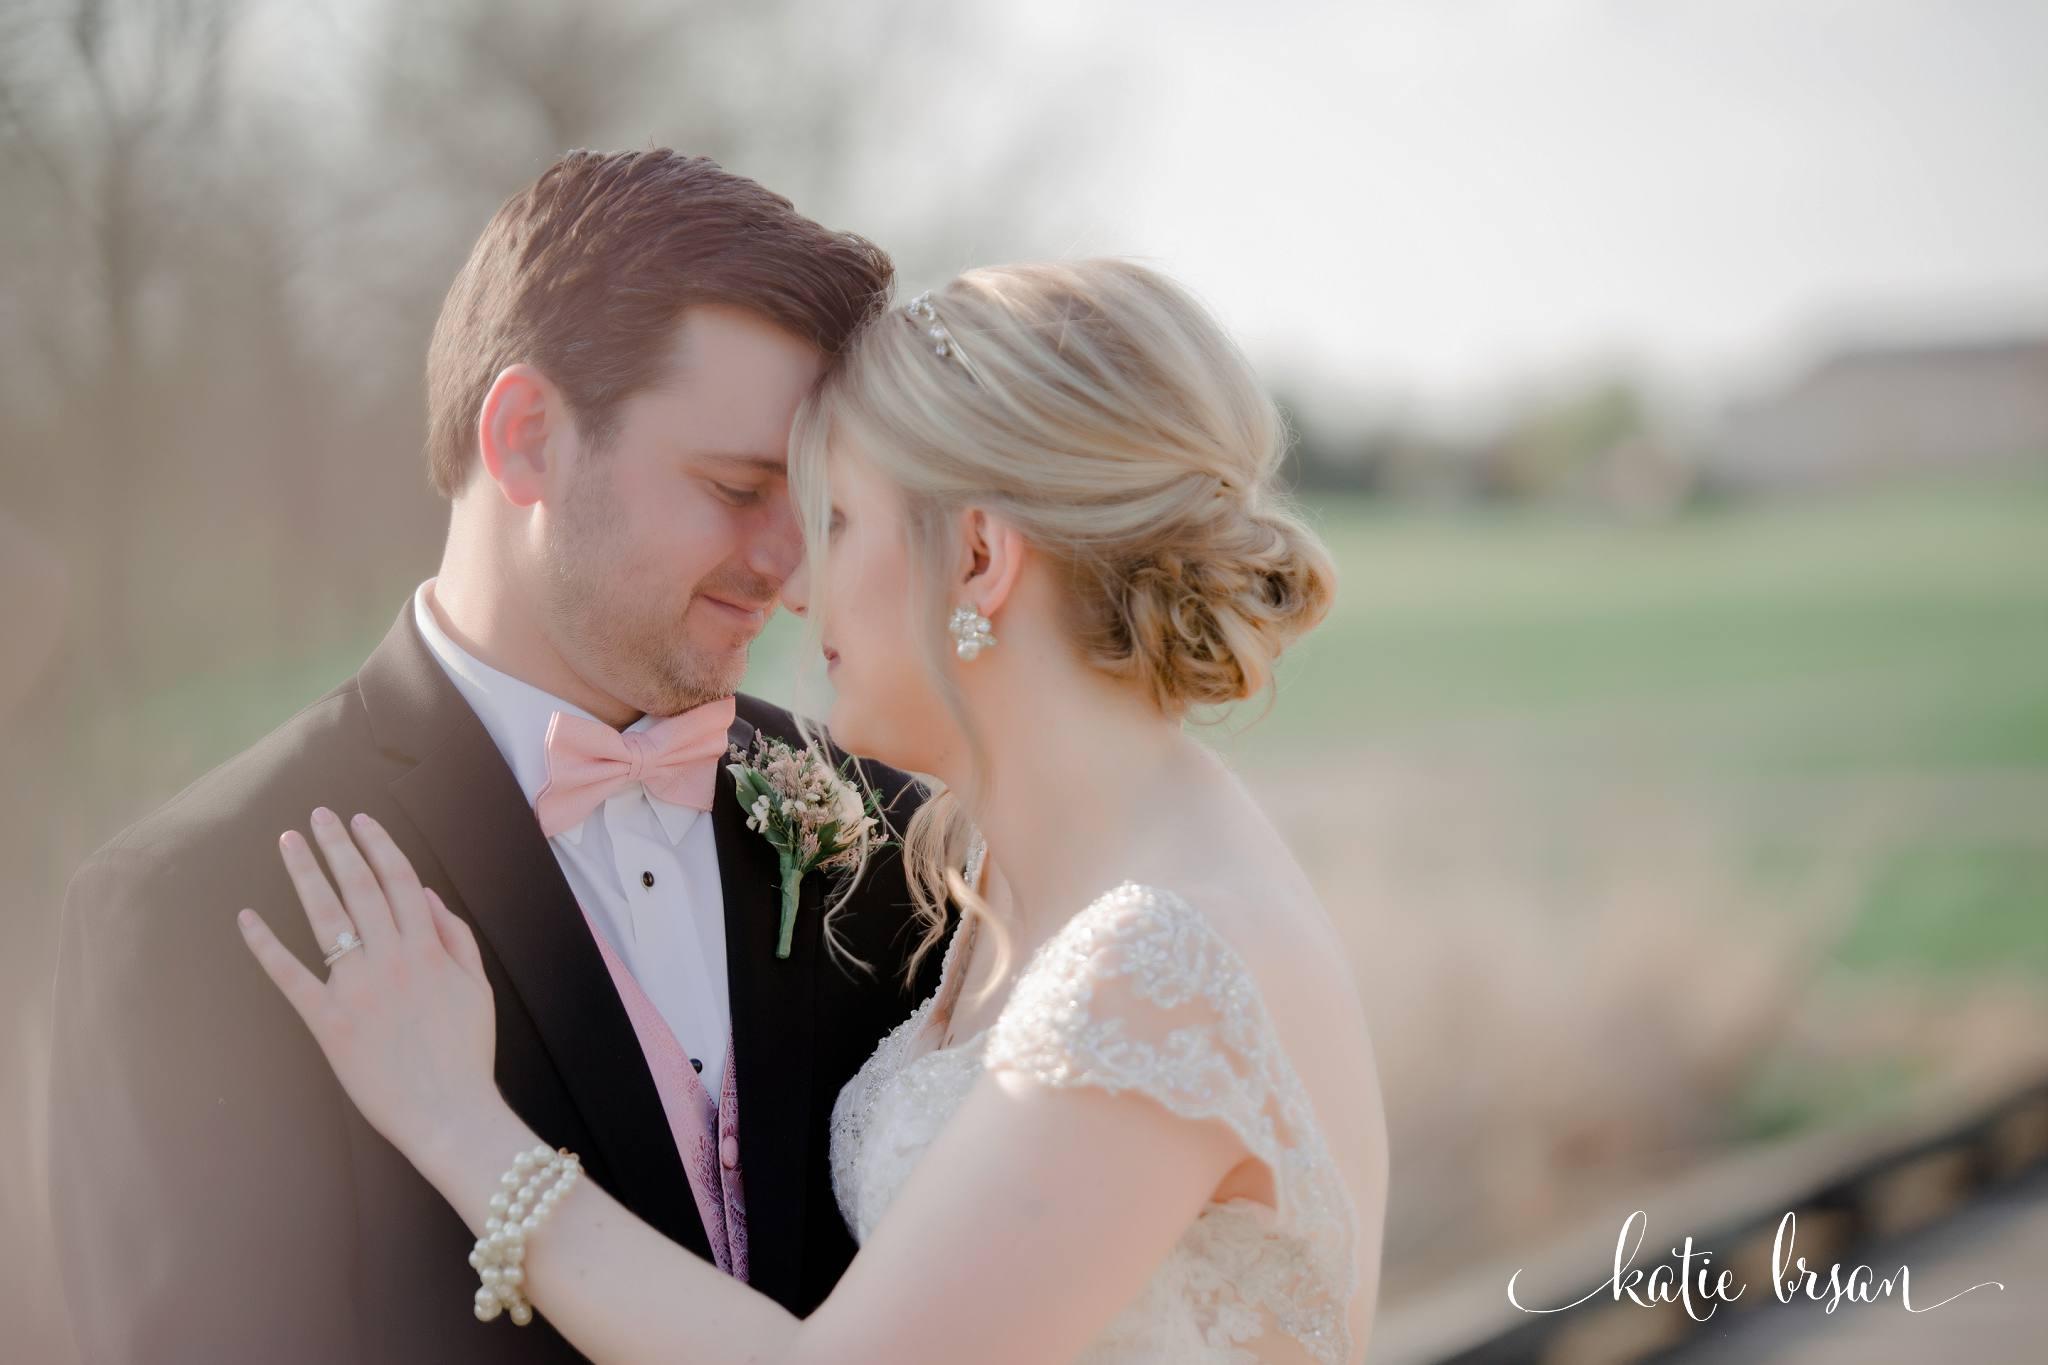 Mokena_Lemont_Wedding_Ruffled_Feathers_Wedding_1387.jpg